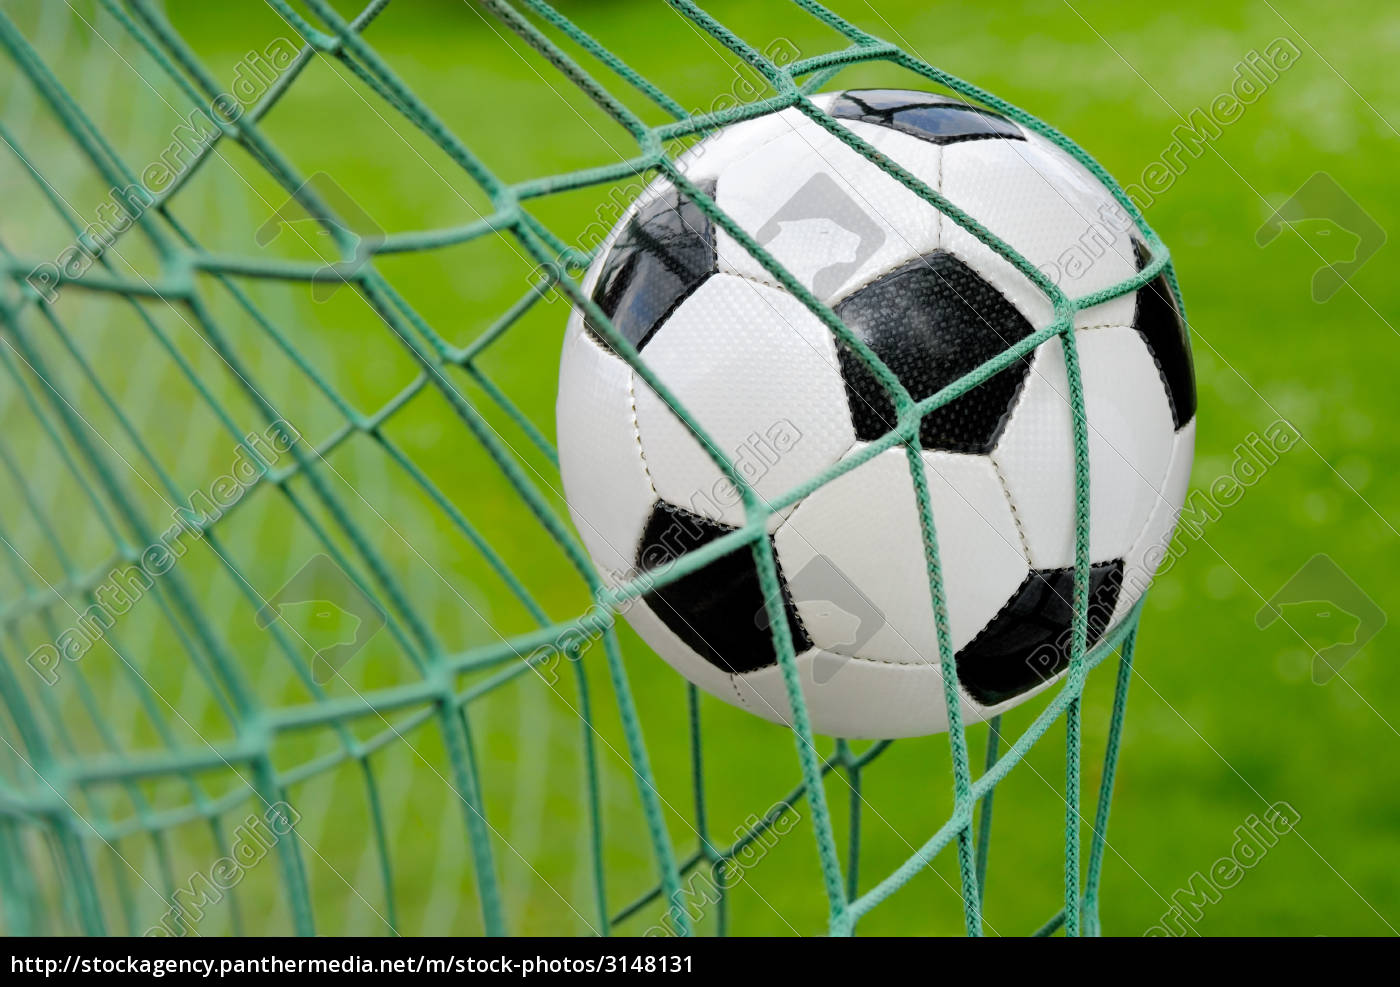 Lizenzfreies Bild 3148131 - Fußball fliegt ins Tor